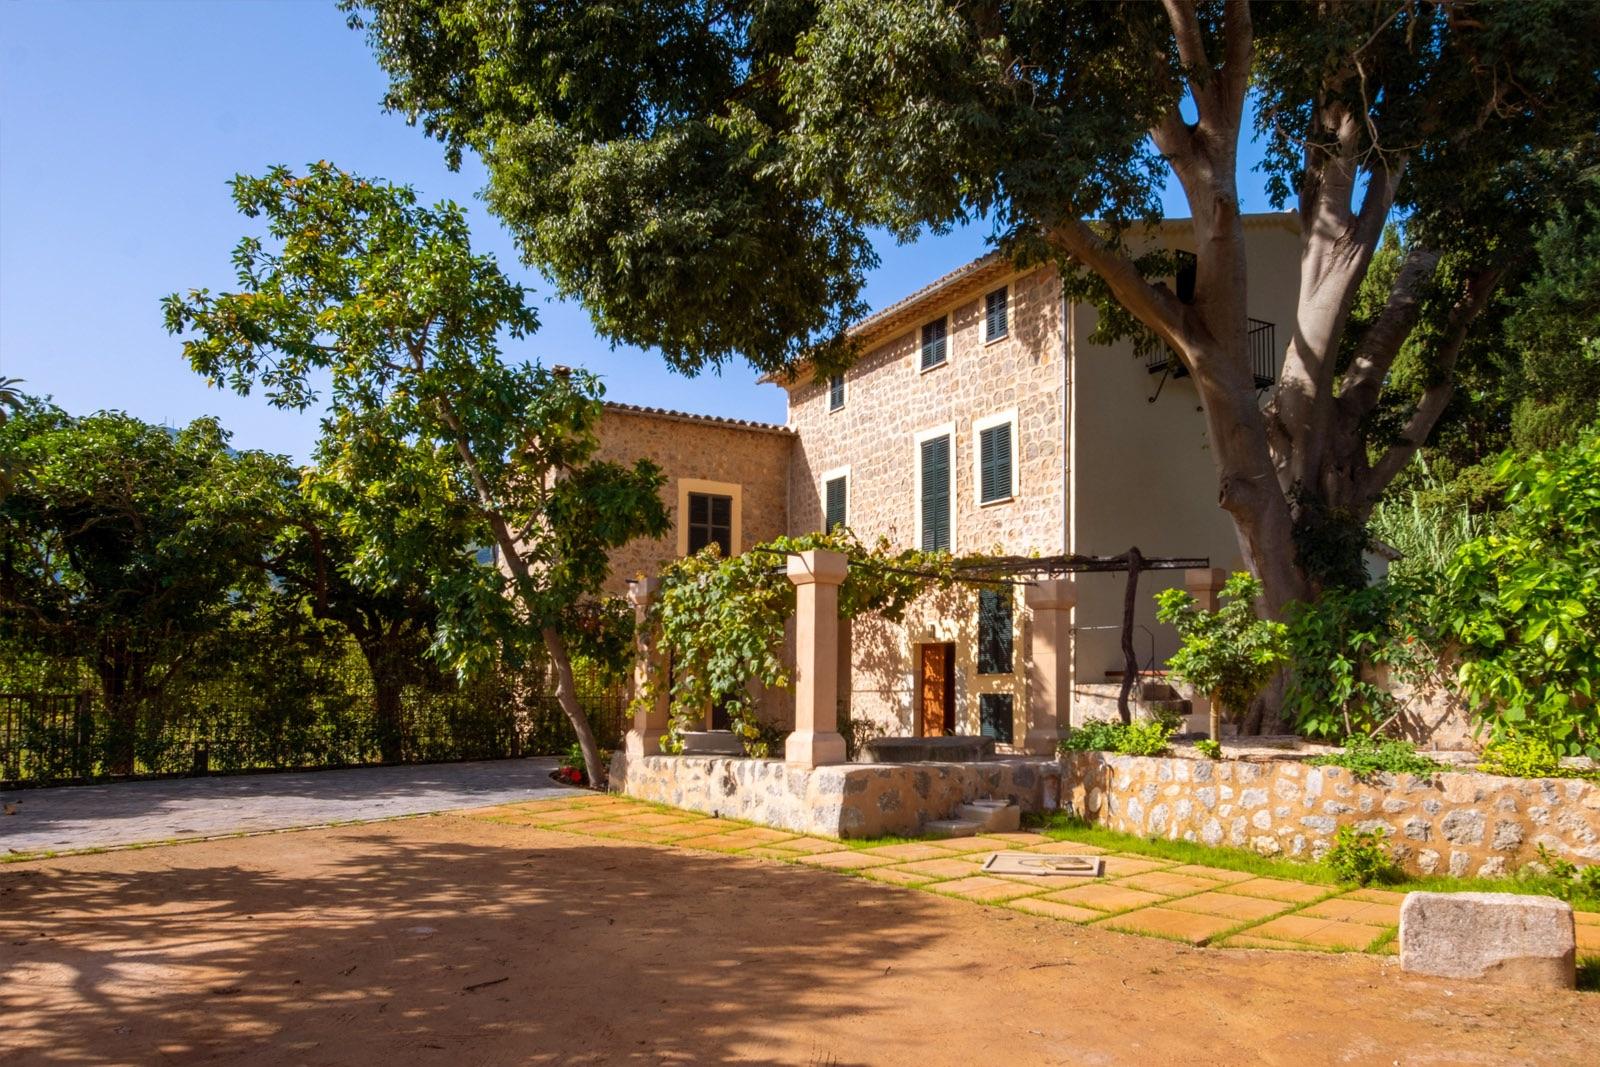 Casa de campo en Sóller, Mallorca, venta